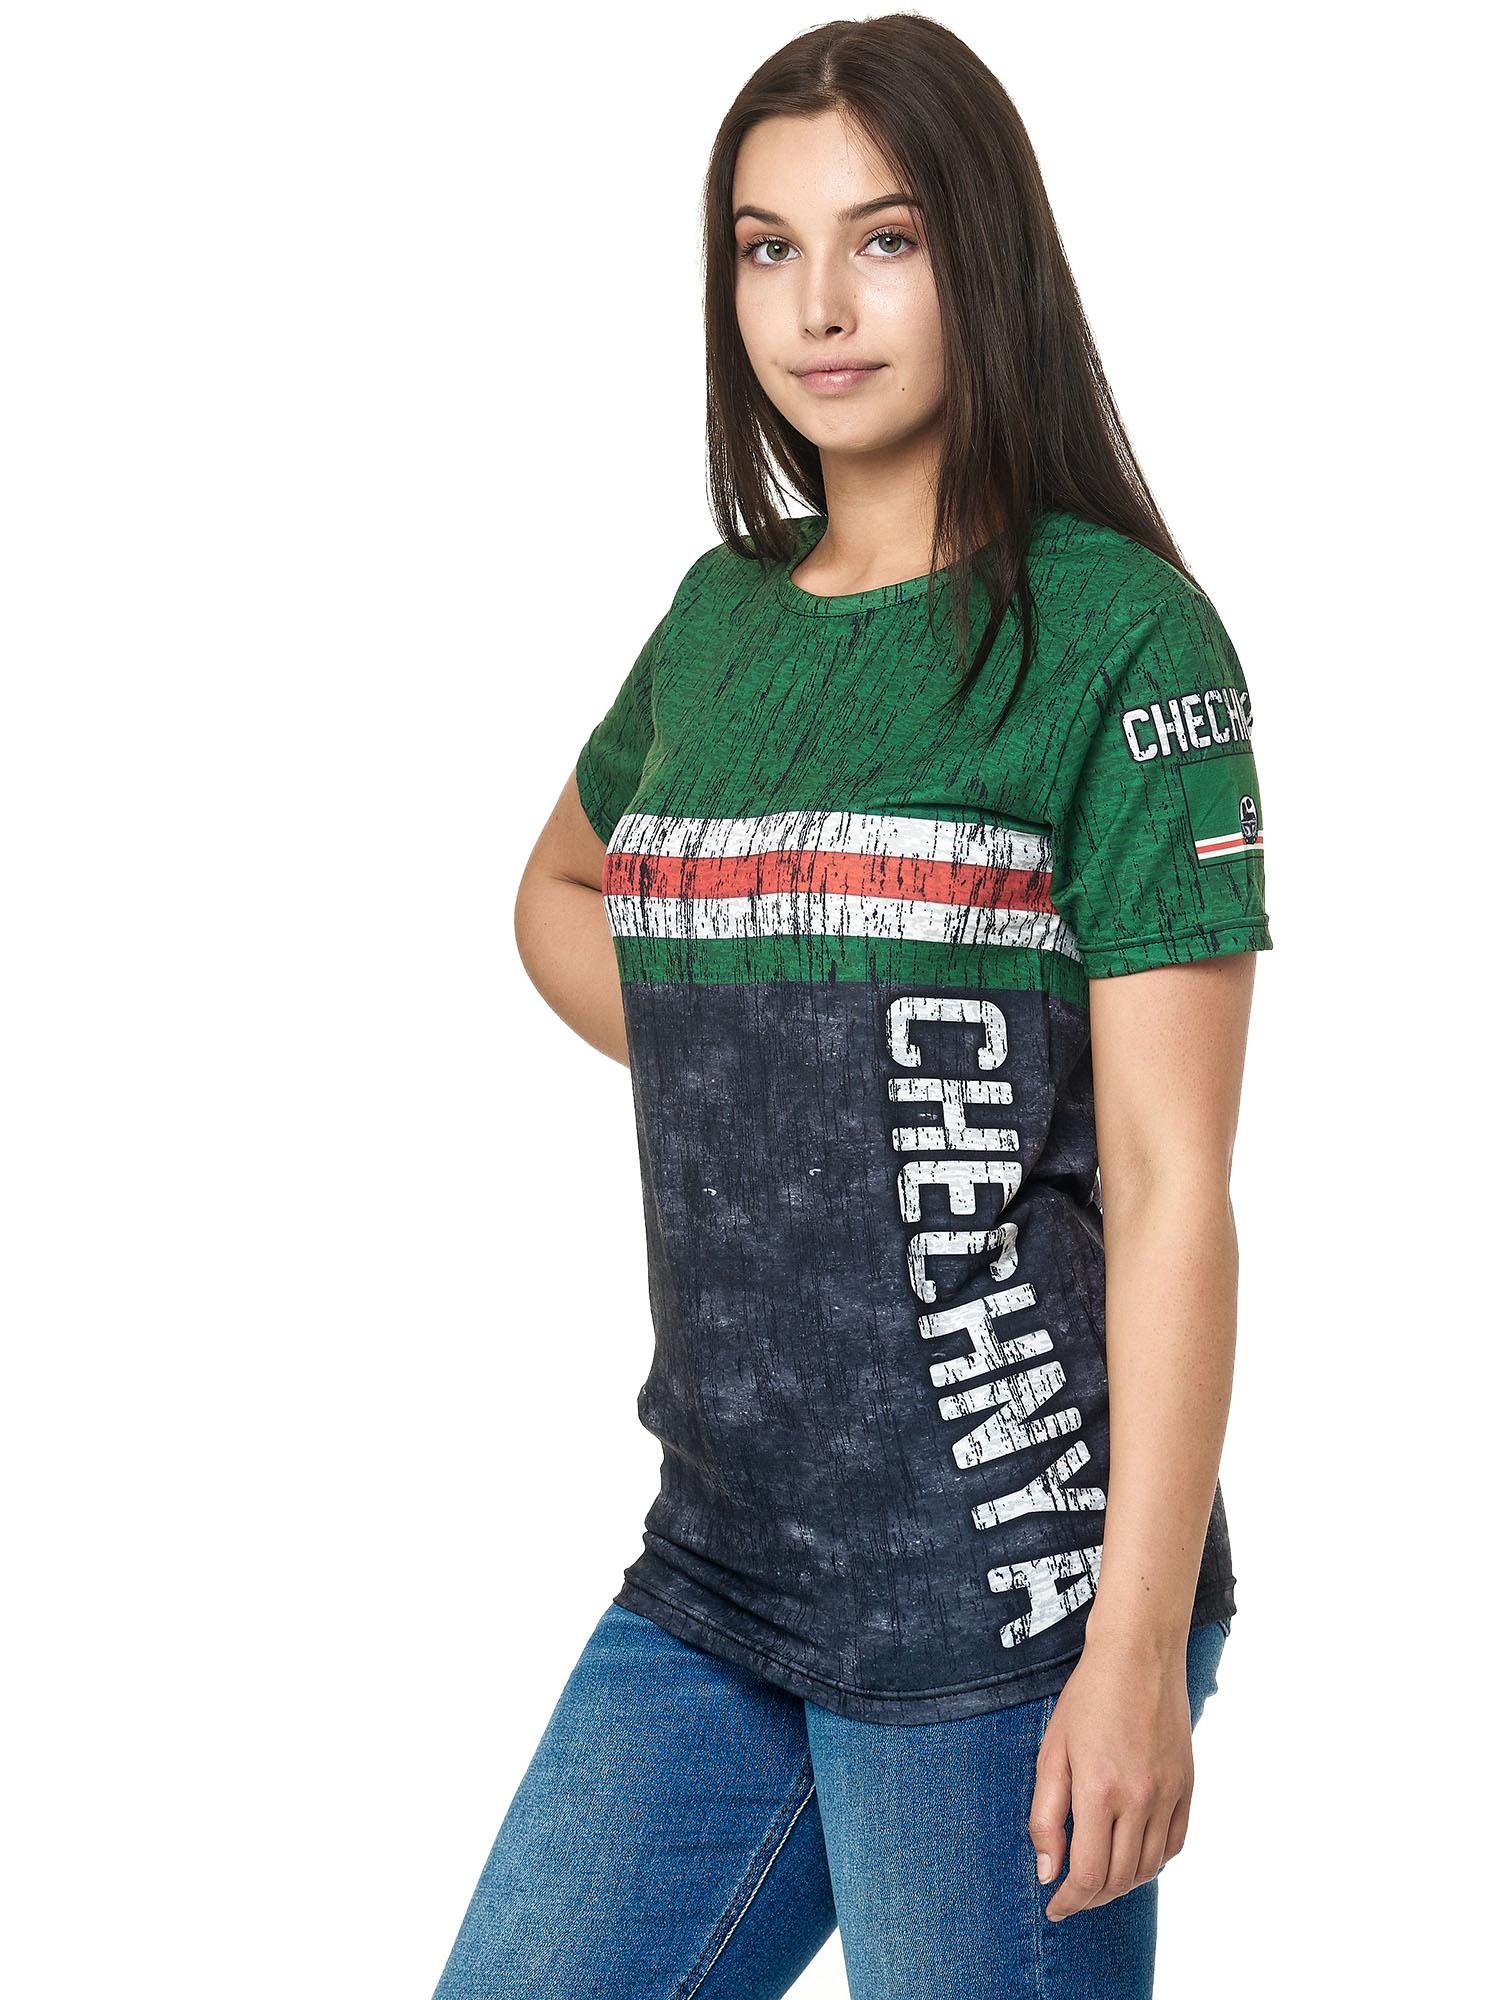 Paesi-da-Donna-T-shirt-A-Maniche-Corte-Girocollo-donne-CALCIO-Fanshirt-John-Kayna miniatura 38